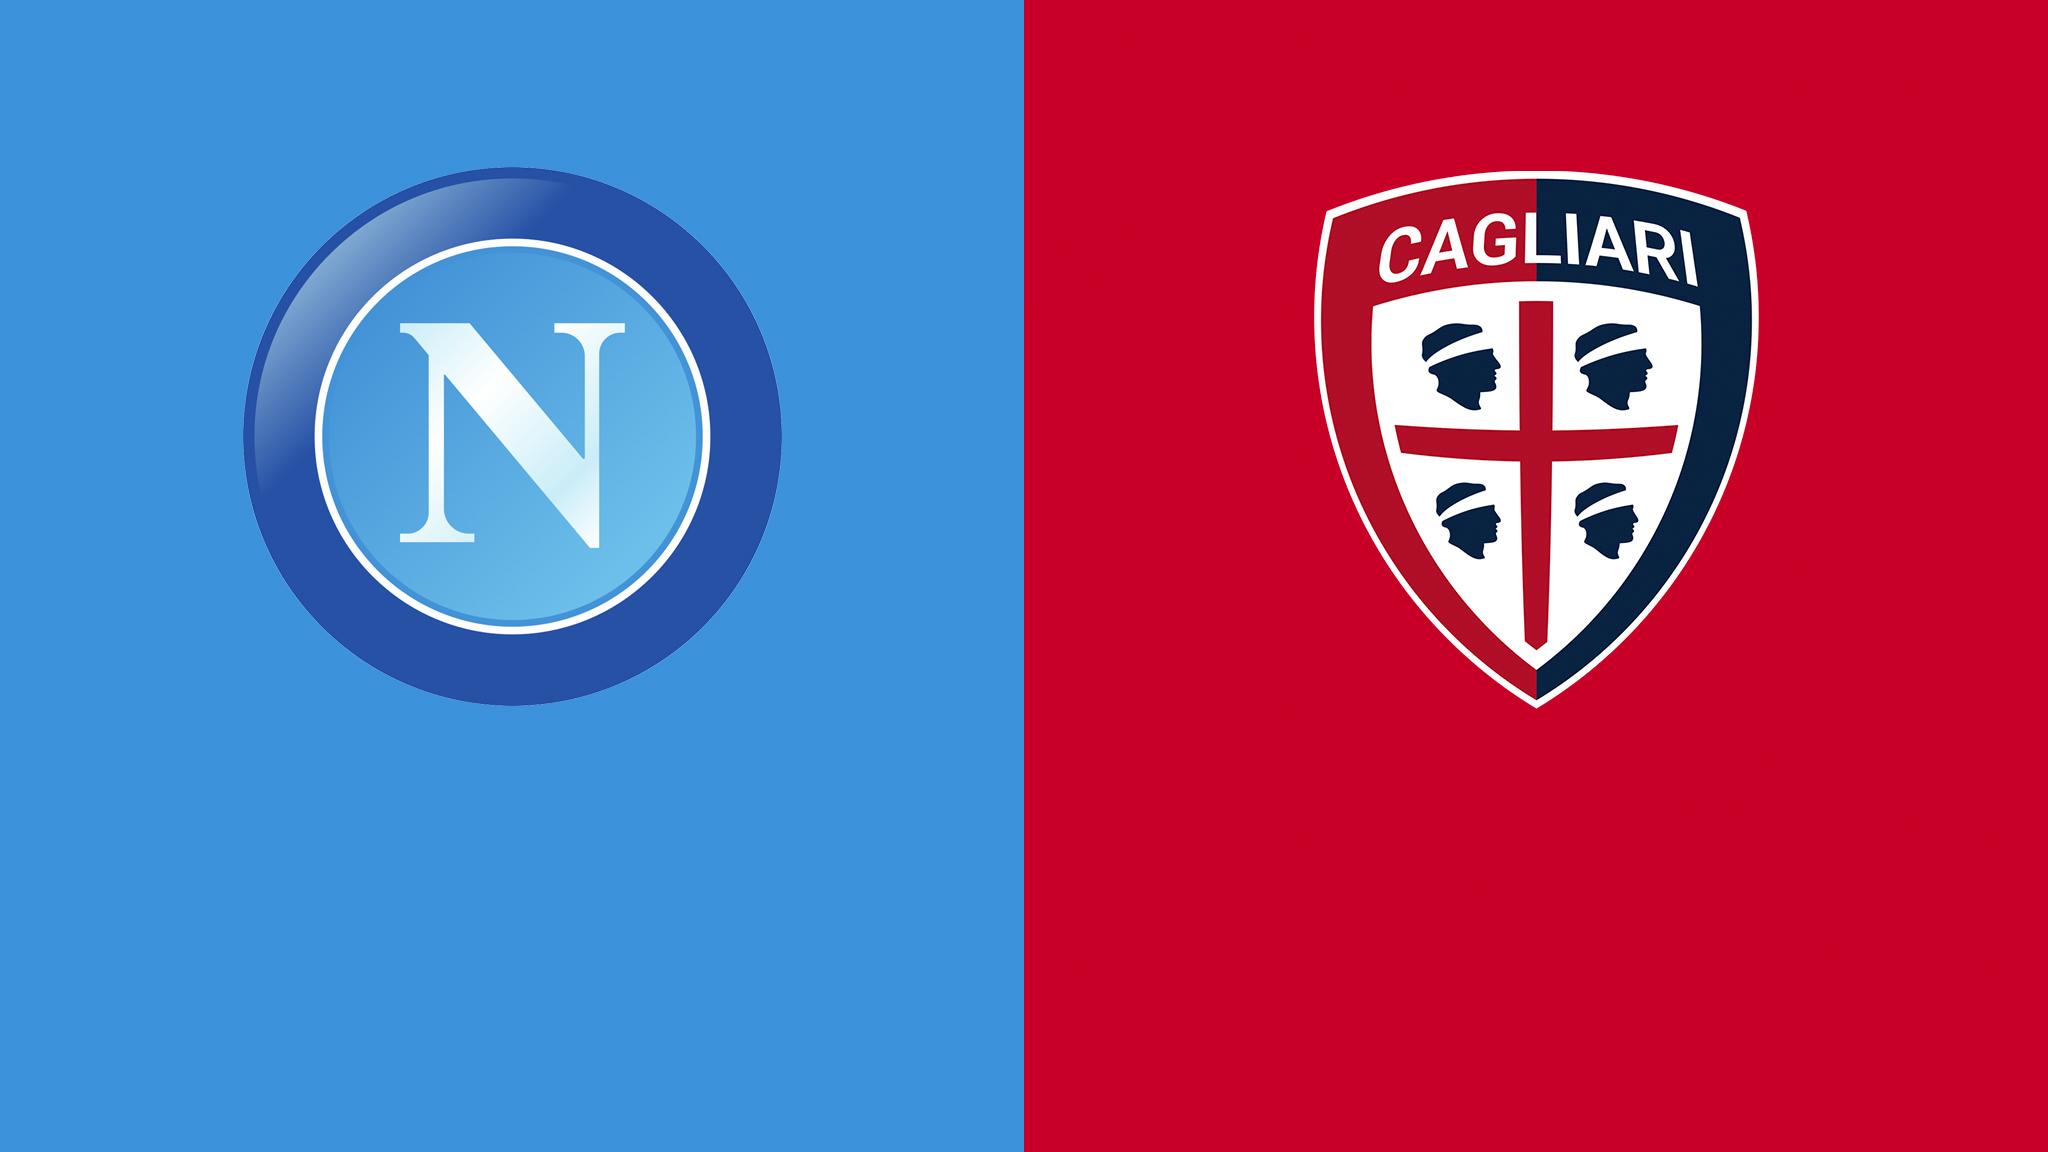 بث مباشر مباراة نابولي وكالياري